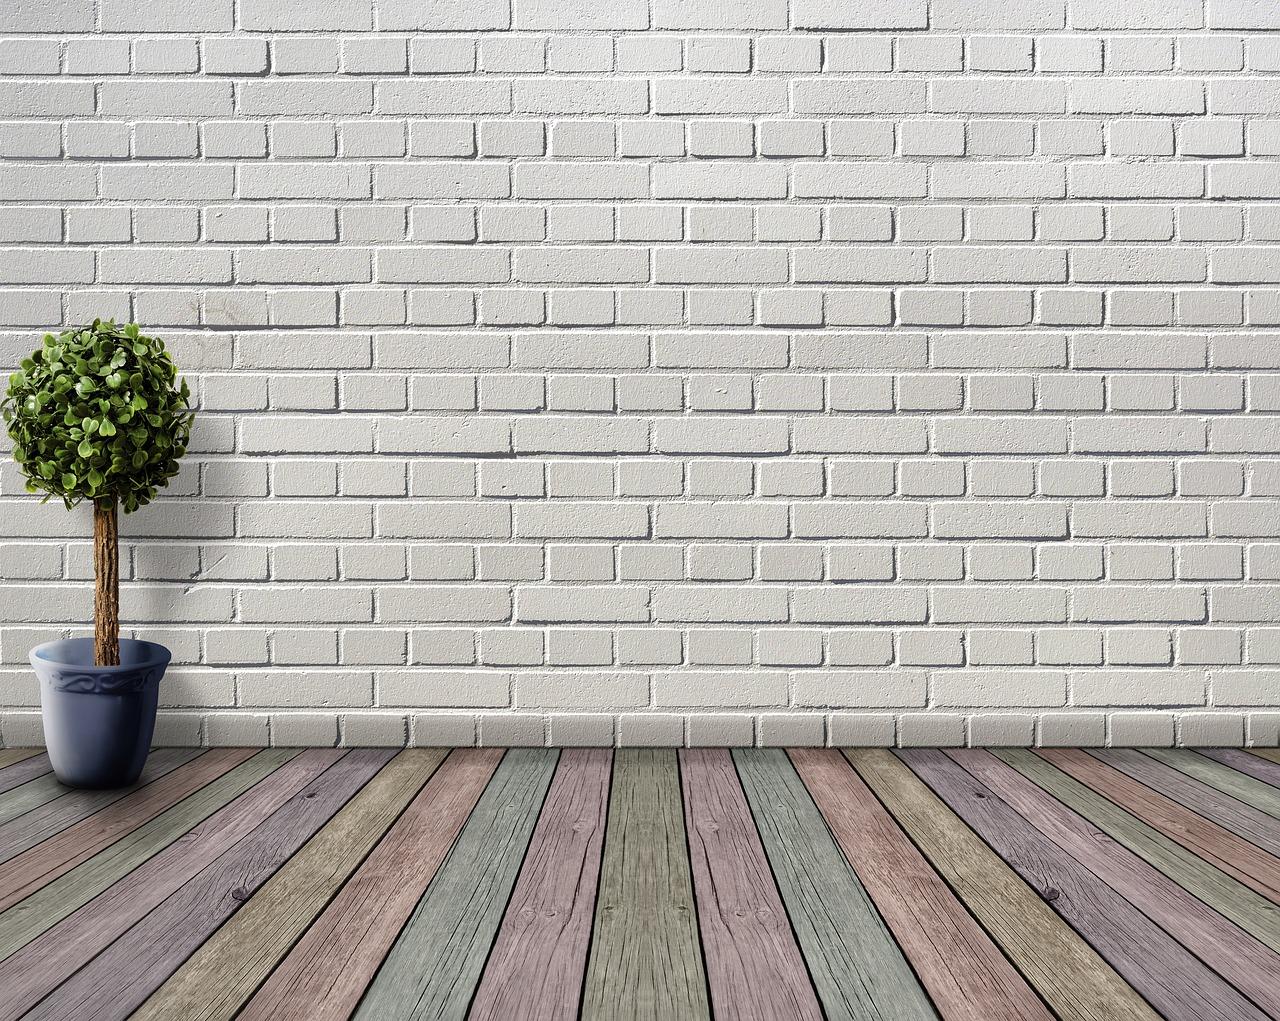 Come Riconoscere I Muri Portanti Di Una Casa